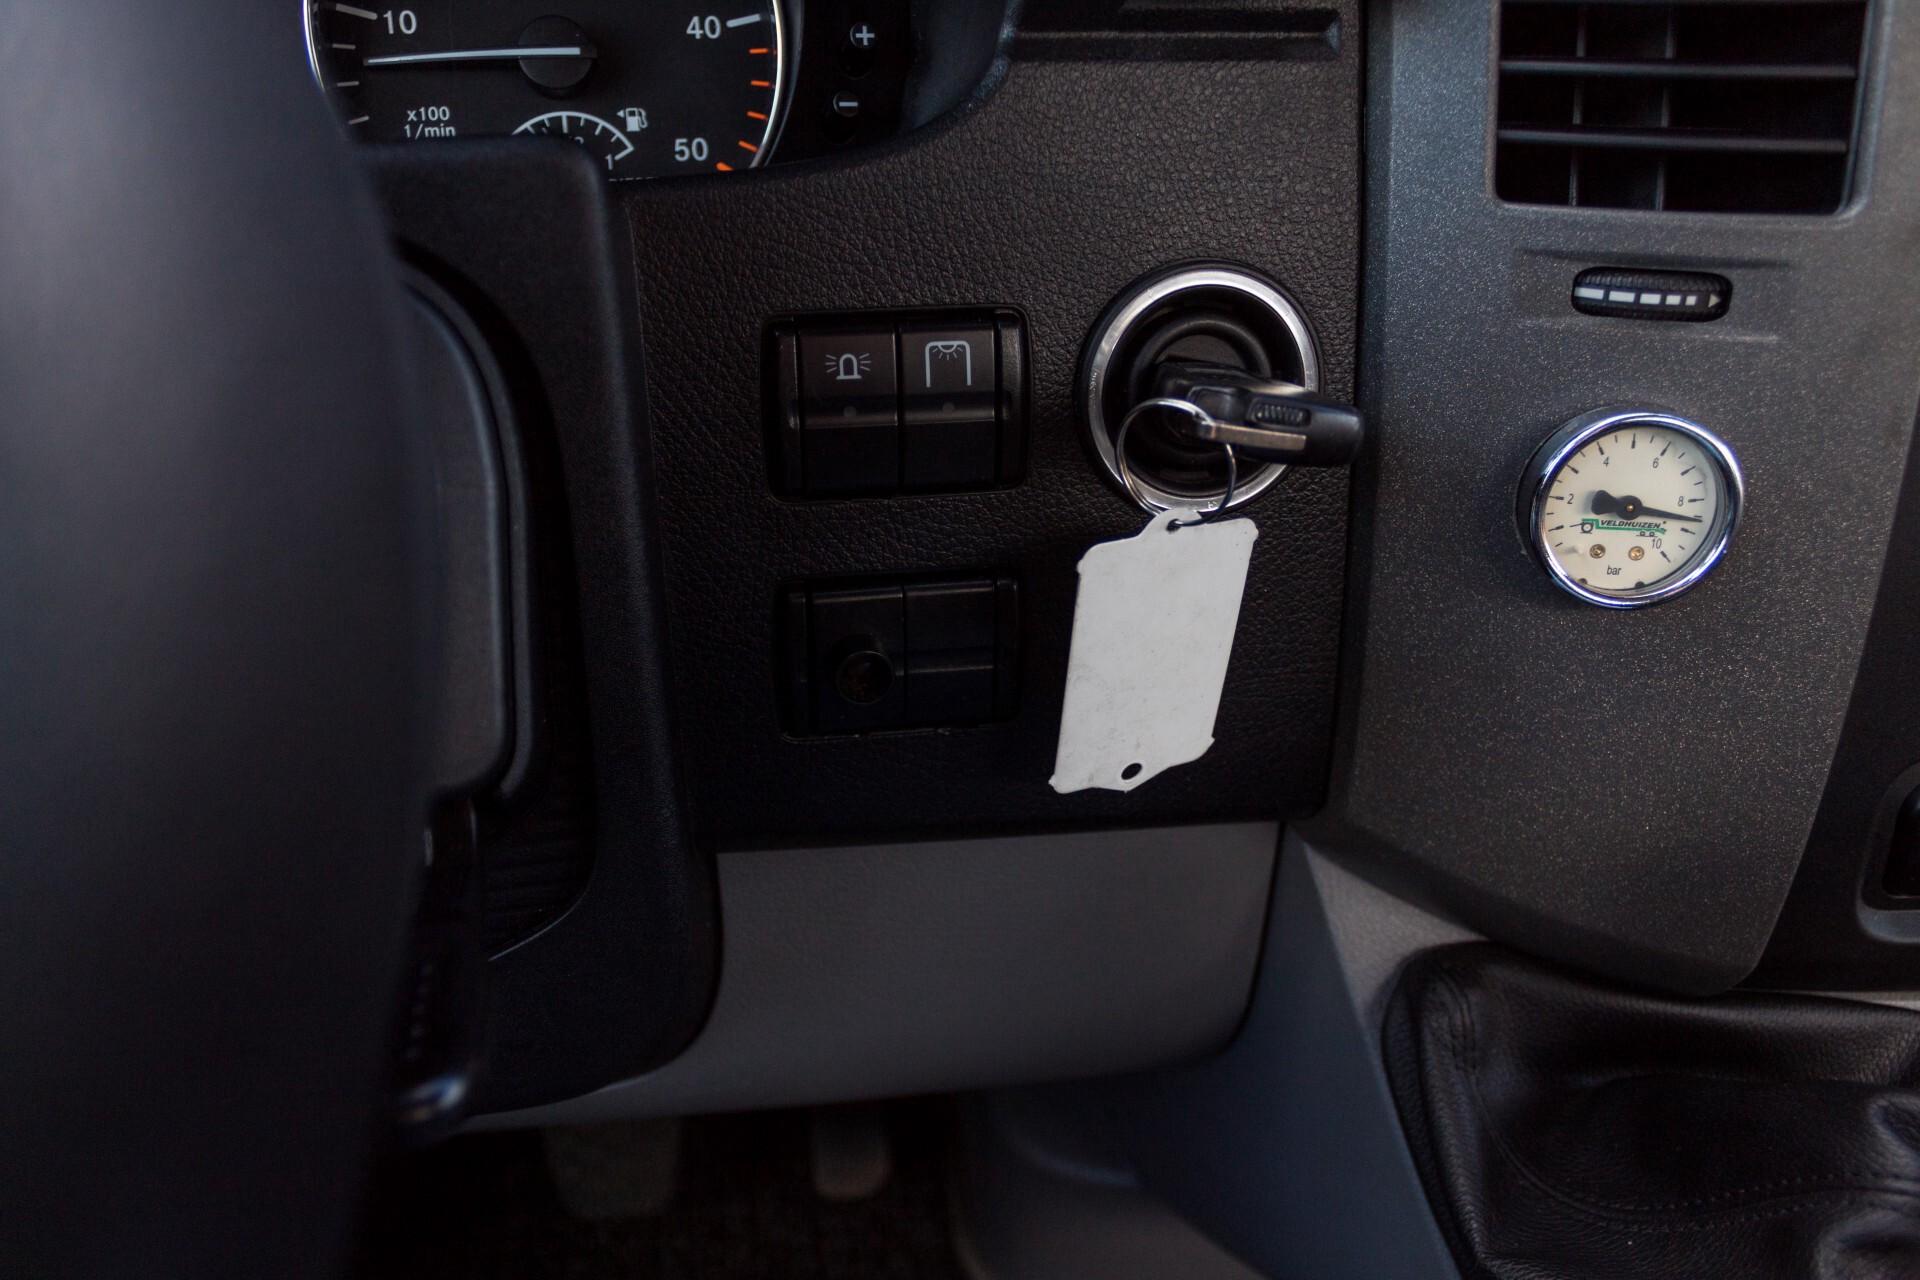 Mercedes-Benz Sprinter 518 3.0 Cdi V6 Oprijwagen / Auto ambulance 7360 kg Foto 23